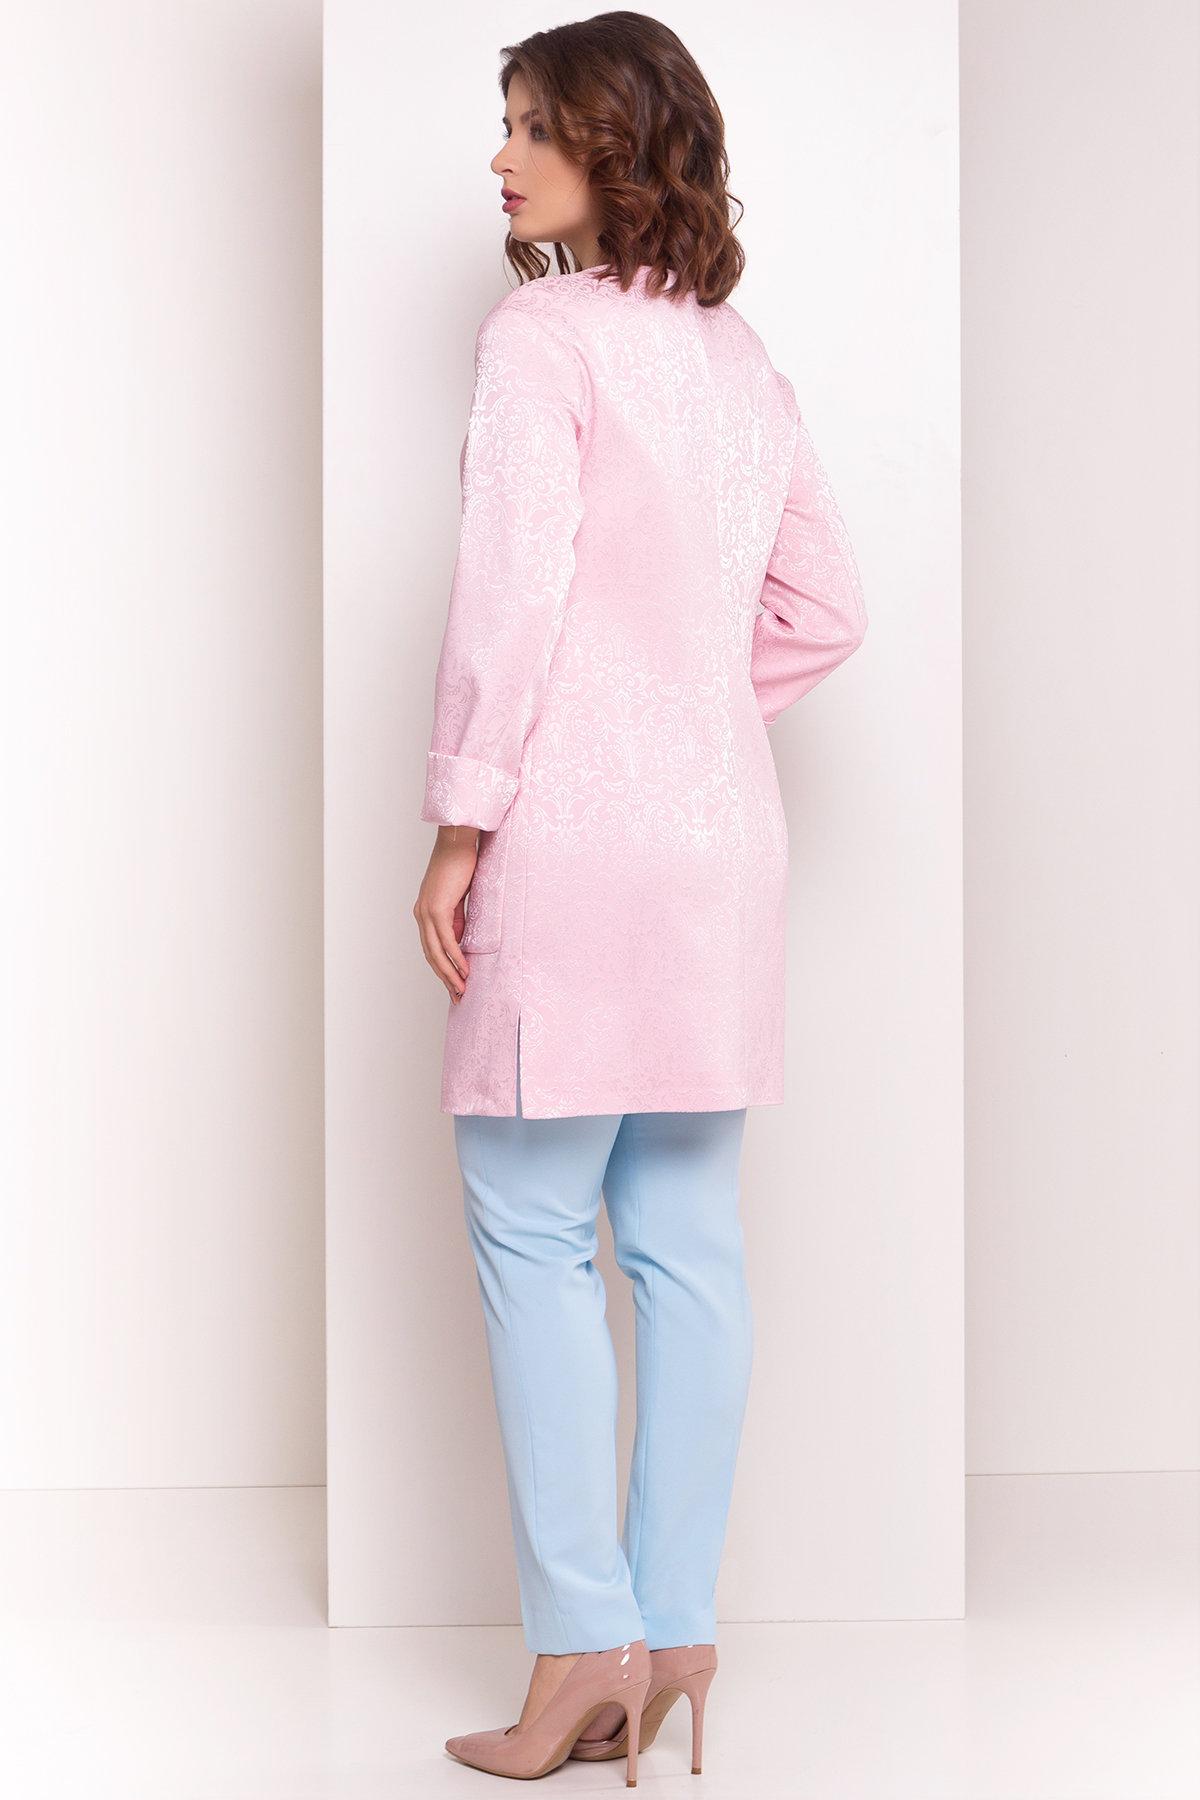 Укороченный плащ Делия 4675 АРТ. 34105 Цвет: Розовый - фото 5, интернет магазин tm-modus.ru